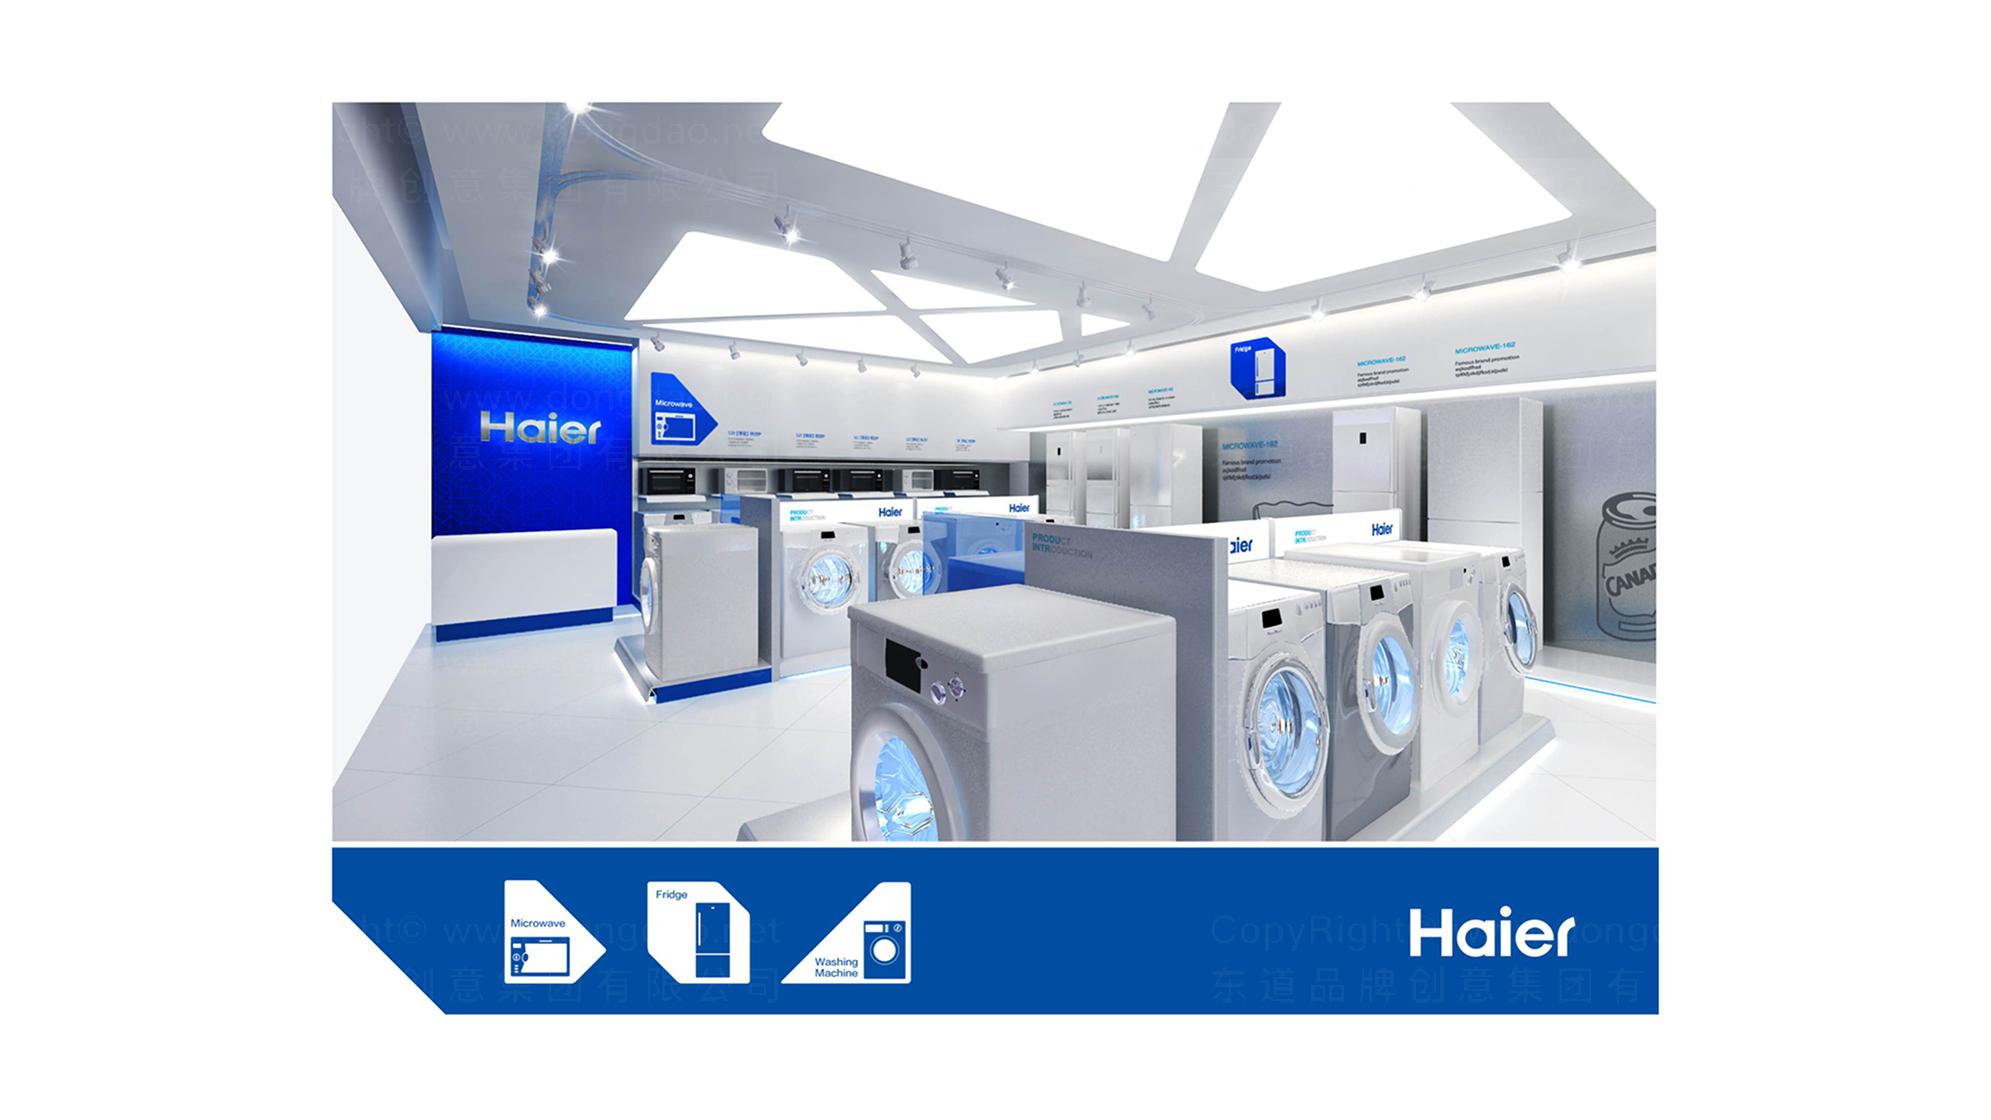 品牌设计海尔VI设计应用场景_15